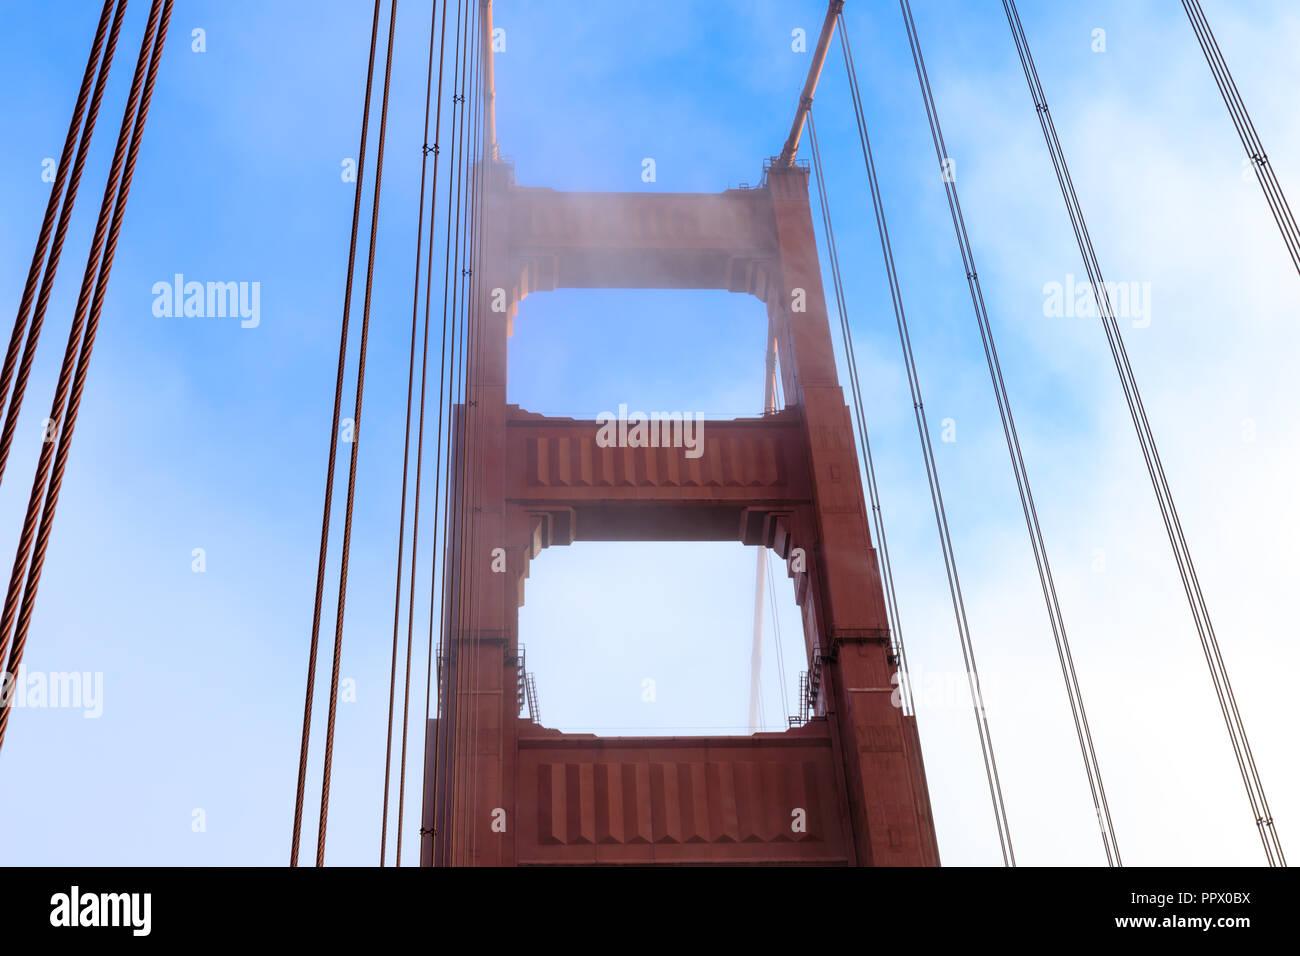 Nebbia in rotolamento sul Golden Gate Bridge Tower. Immagini Stock